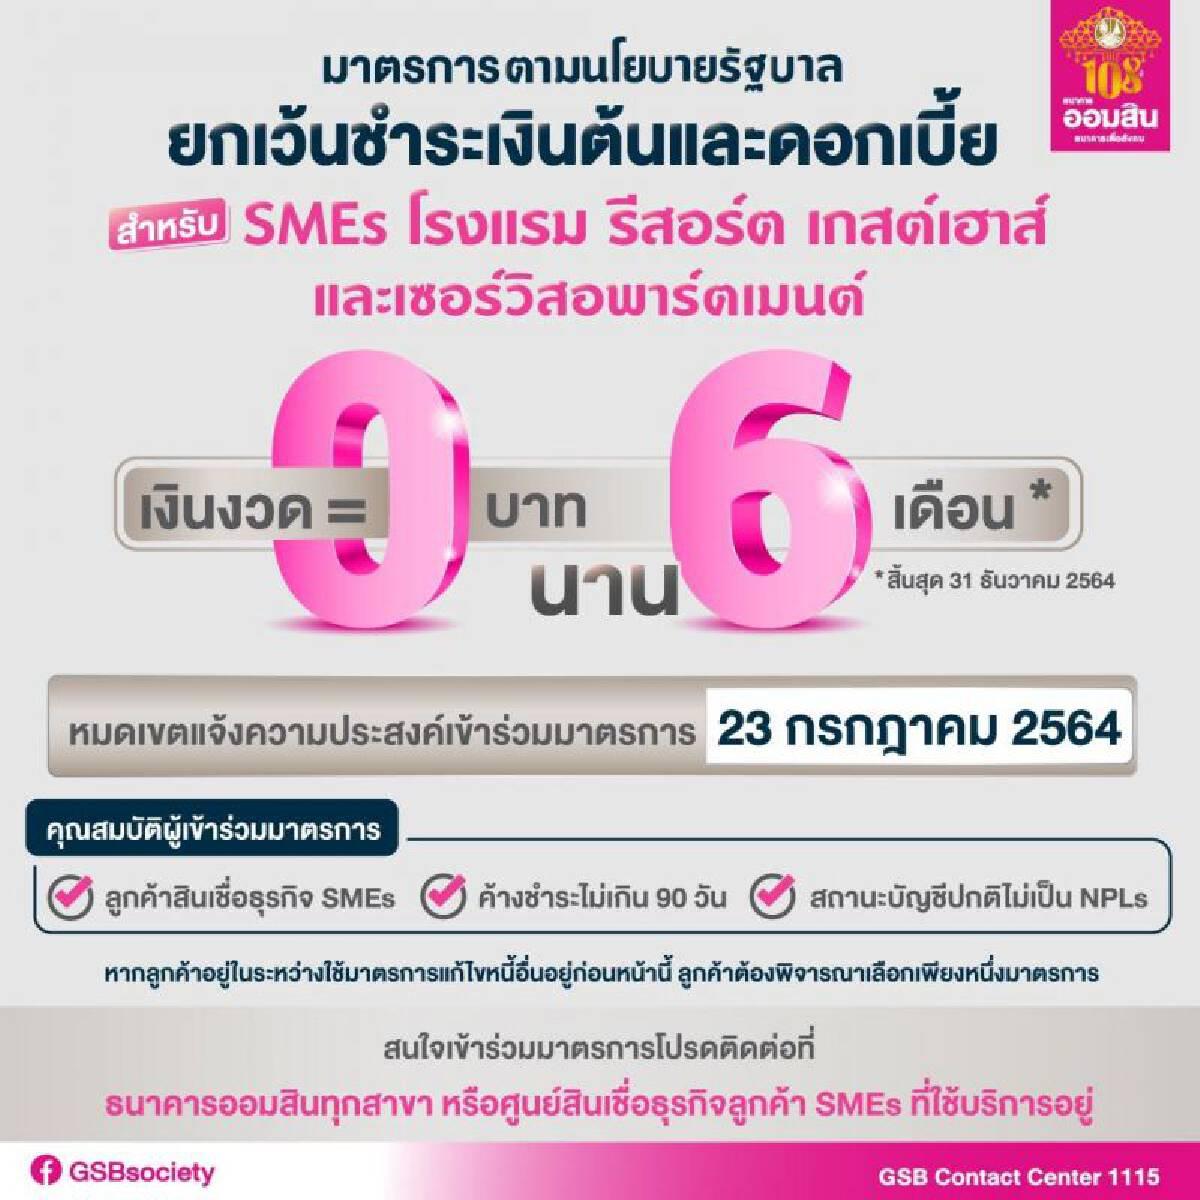 ธนาคารออมสิน ยกเว้นชำระเงินต้นและดอกเบี้ย SMEs